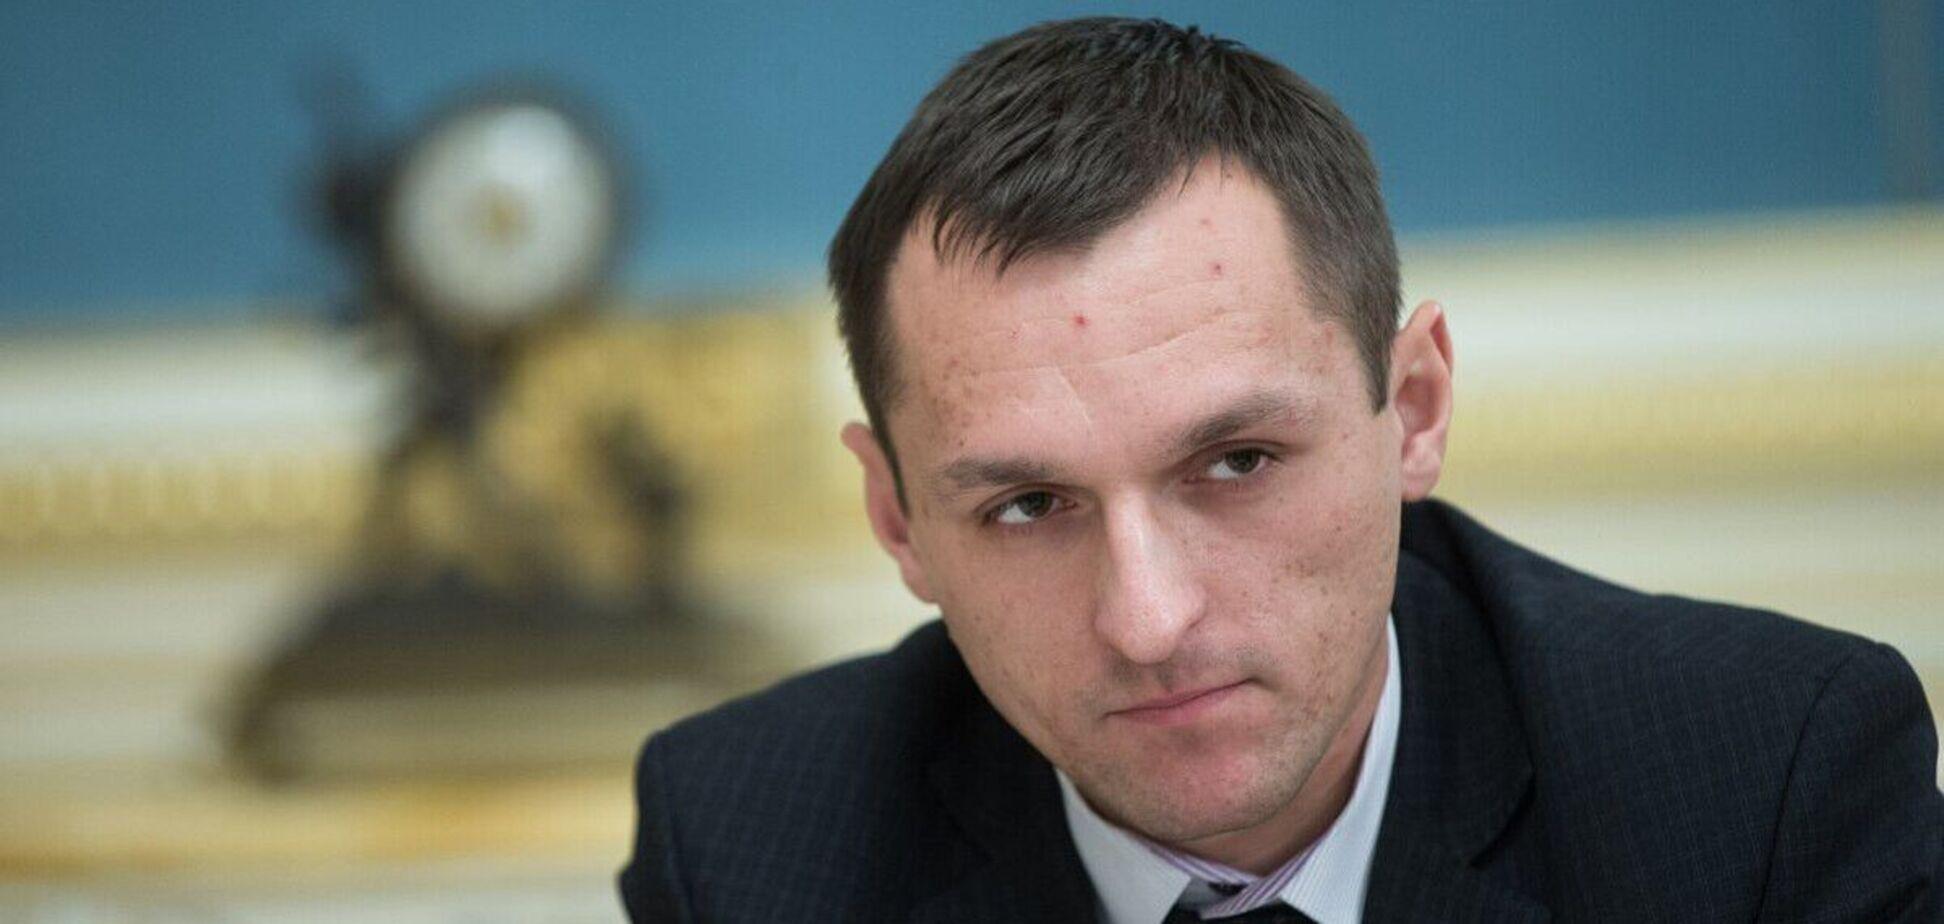 Максим Грищук відновив справу 'Роттердам+' після його повторного закриття прокурором САП Пономаренком